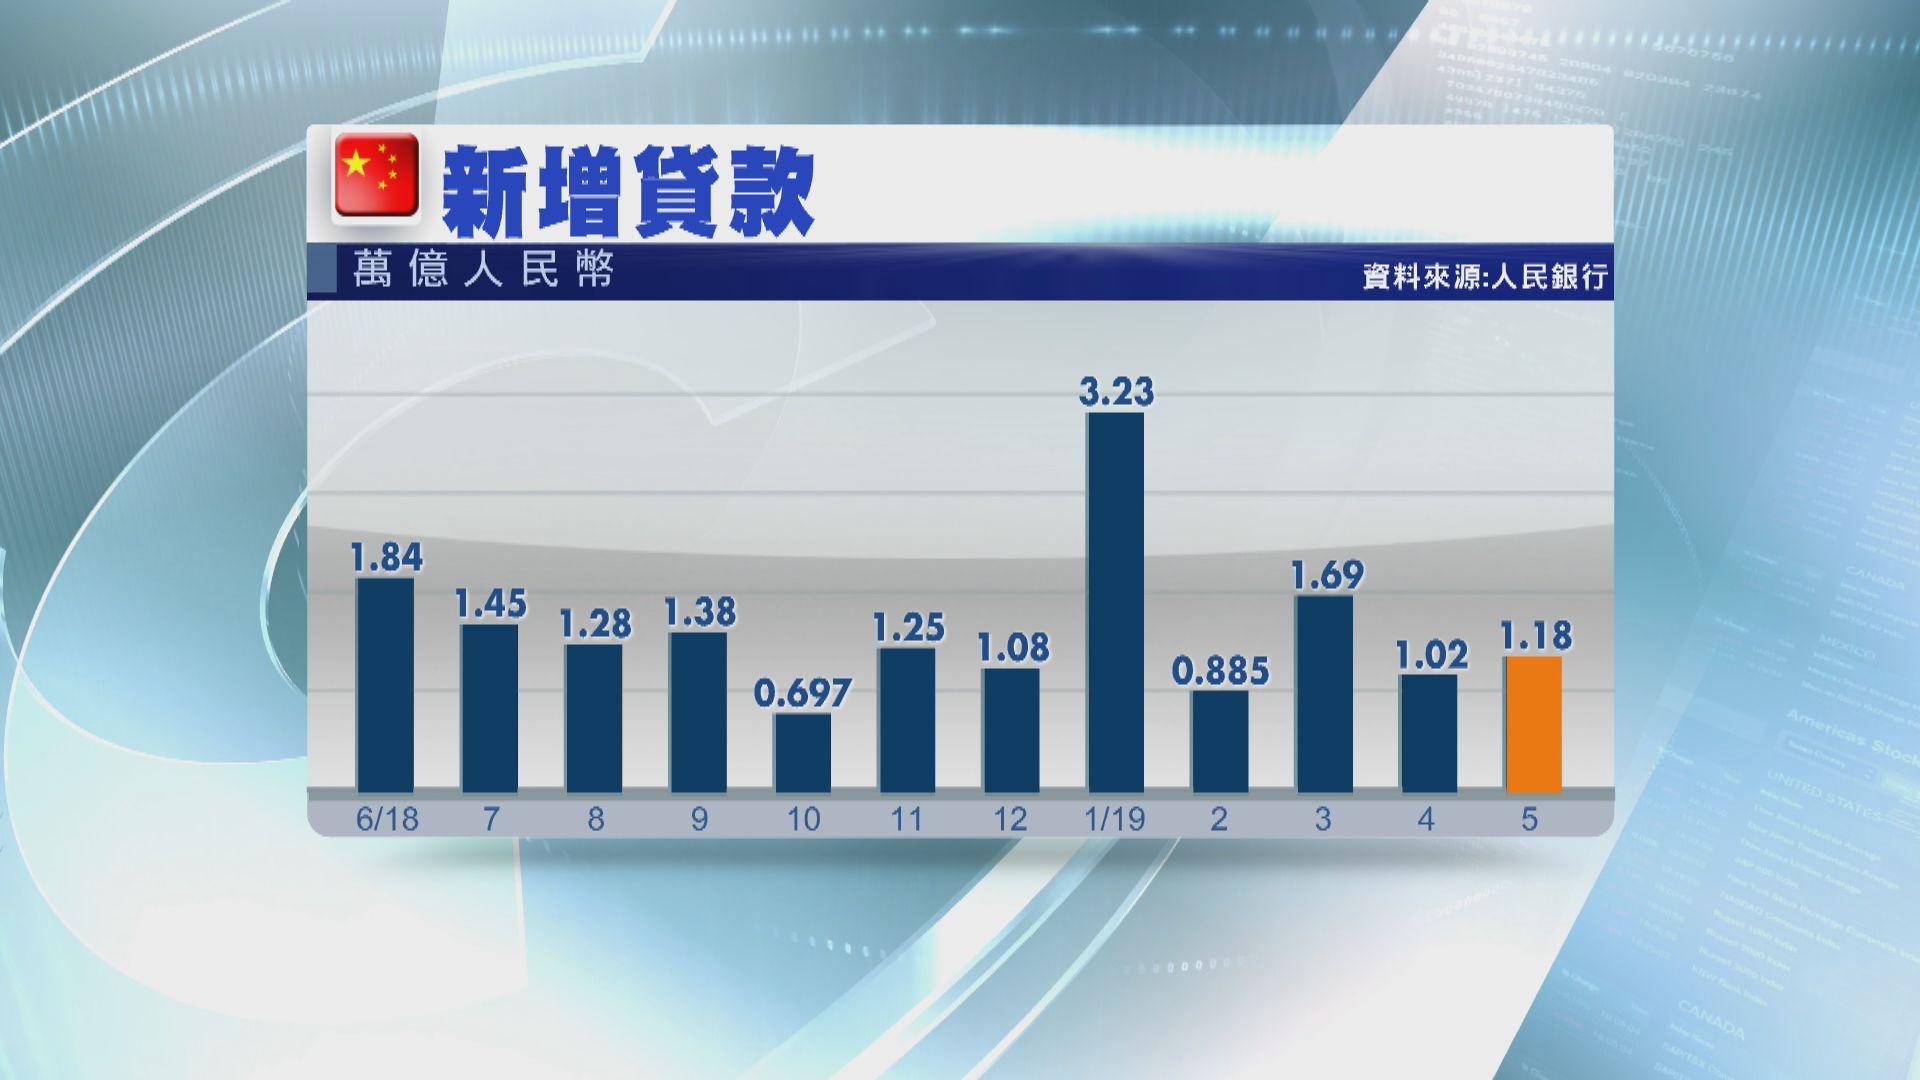 【低於預期】內地5月新增貸款1.18萬億人幣